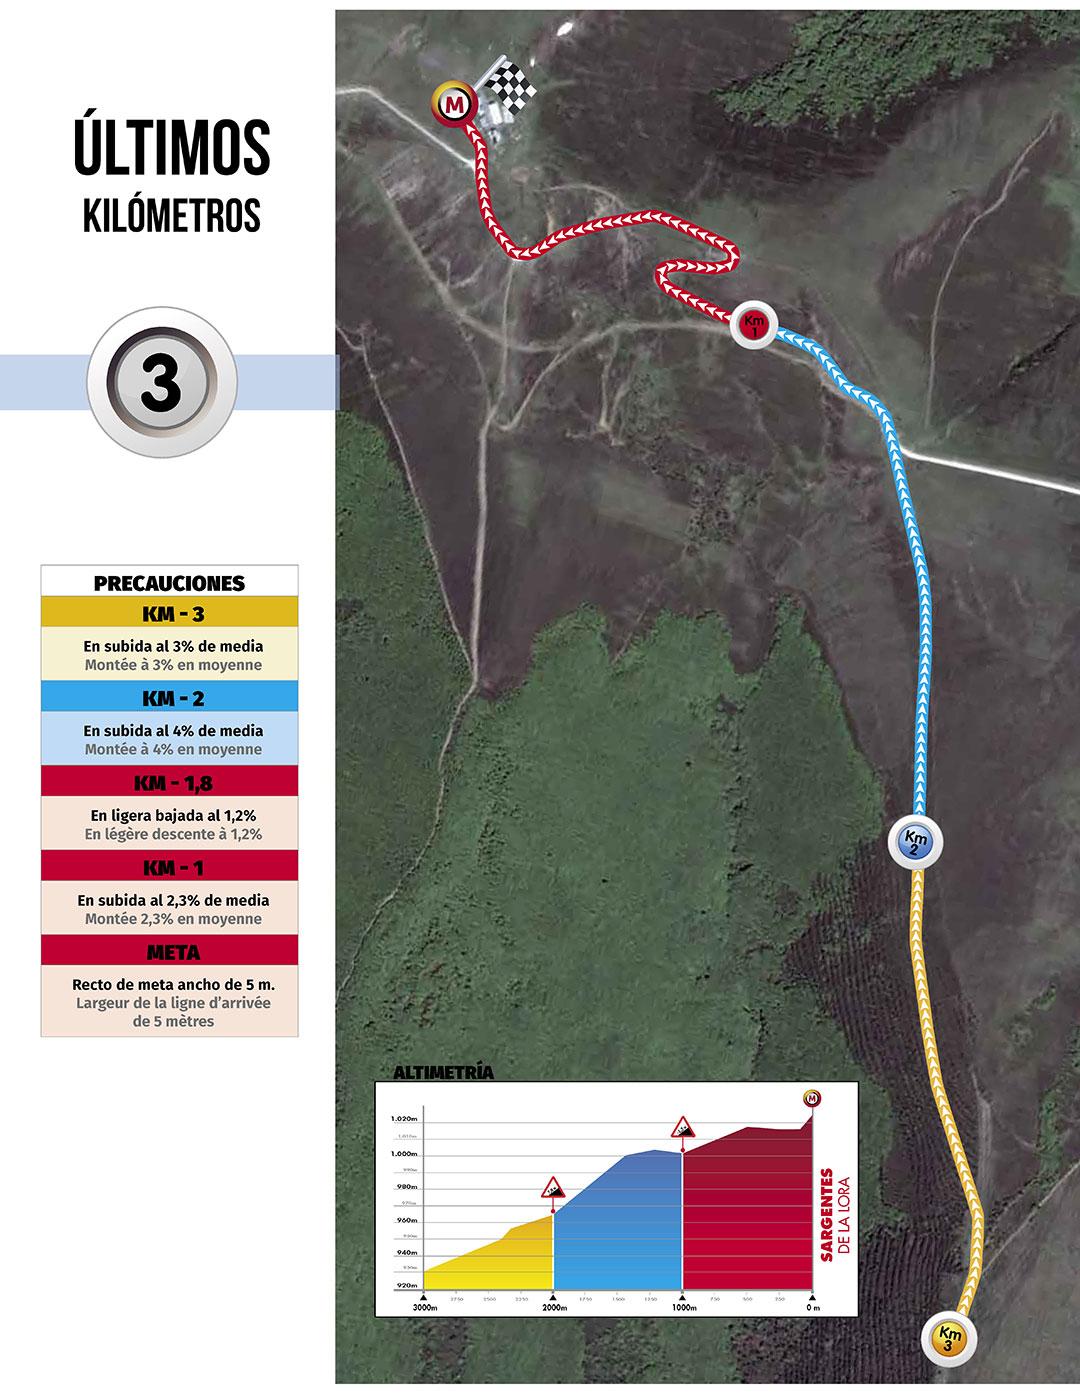 Últimos kilómetros de la primera etapa